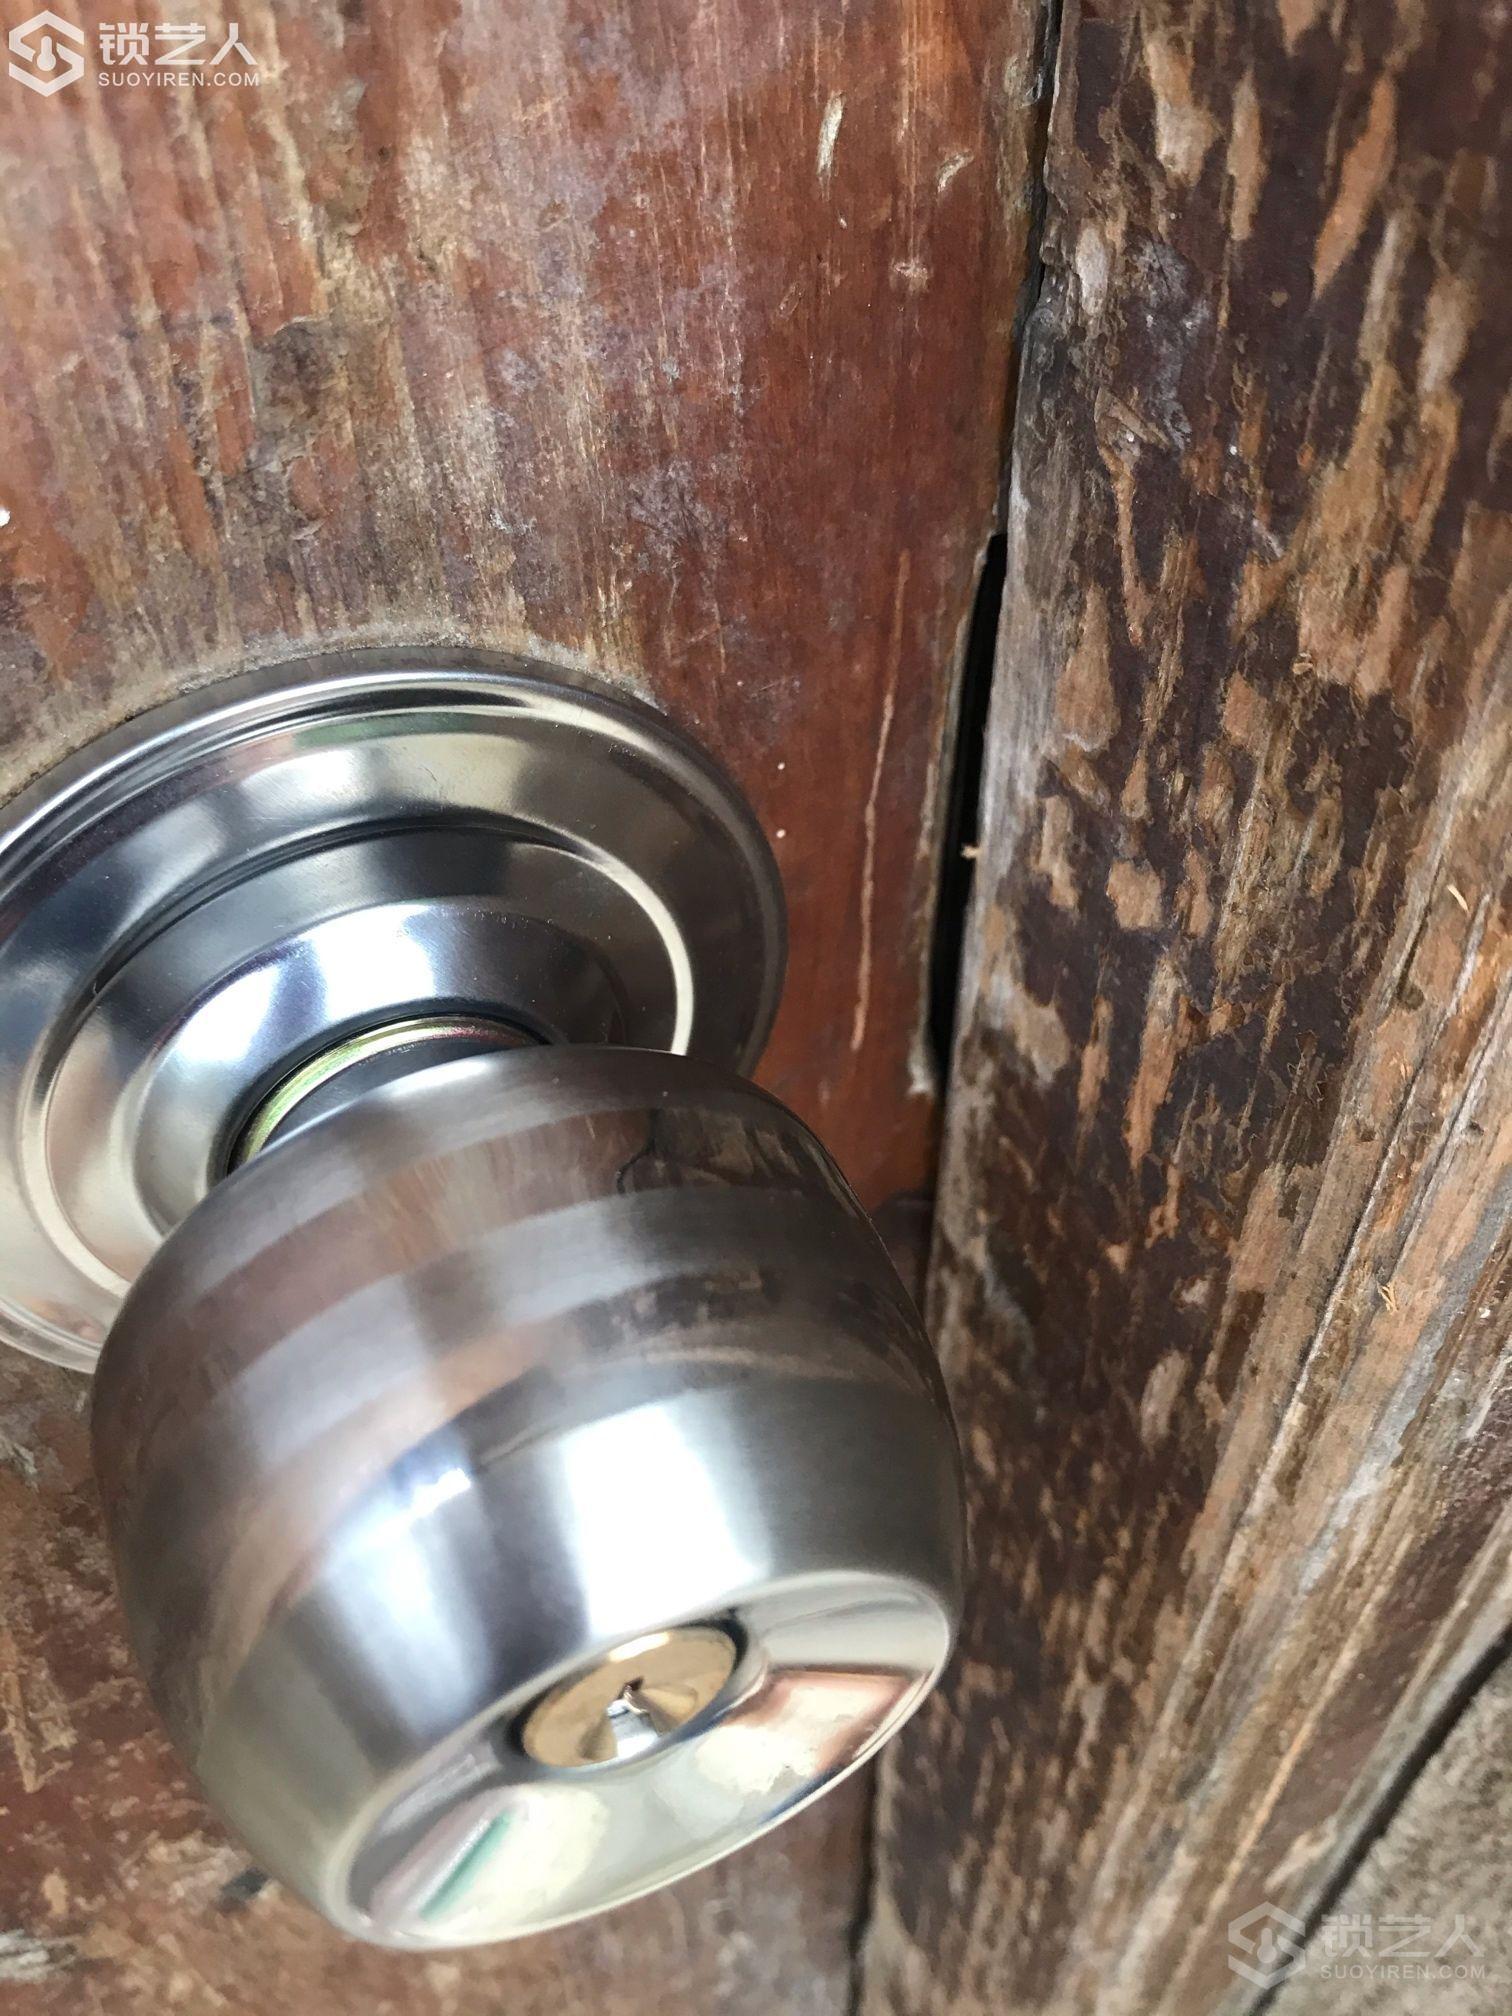 这种锁,客户都知道怎样开了